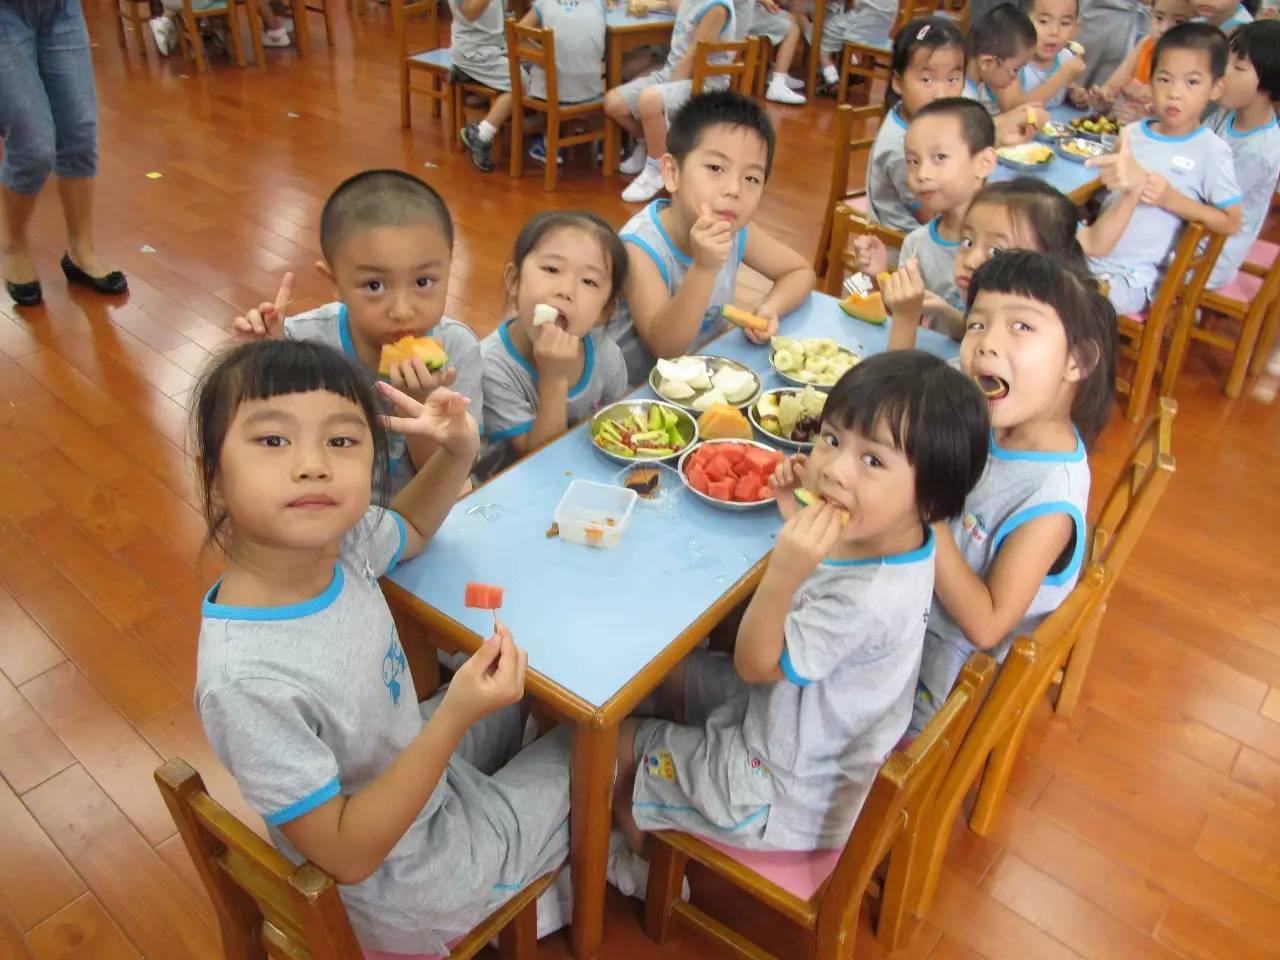 中秋节活动方案 | 看幼儿园如何和孩子们玩转中秋节